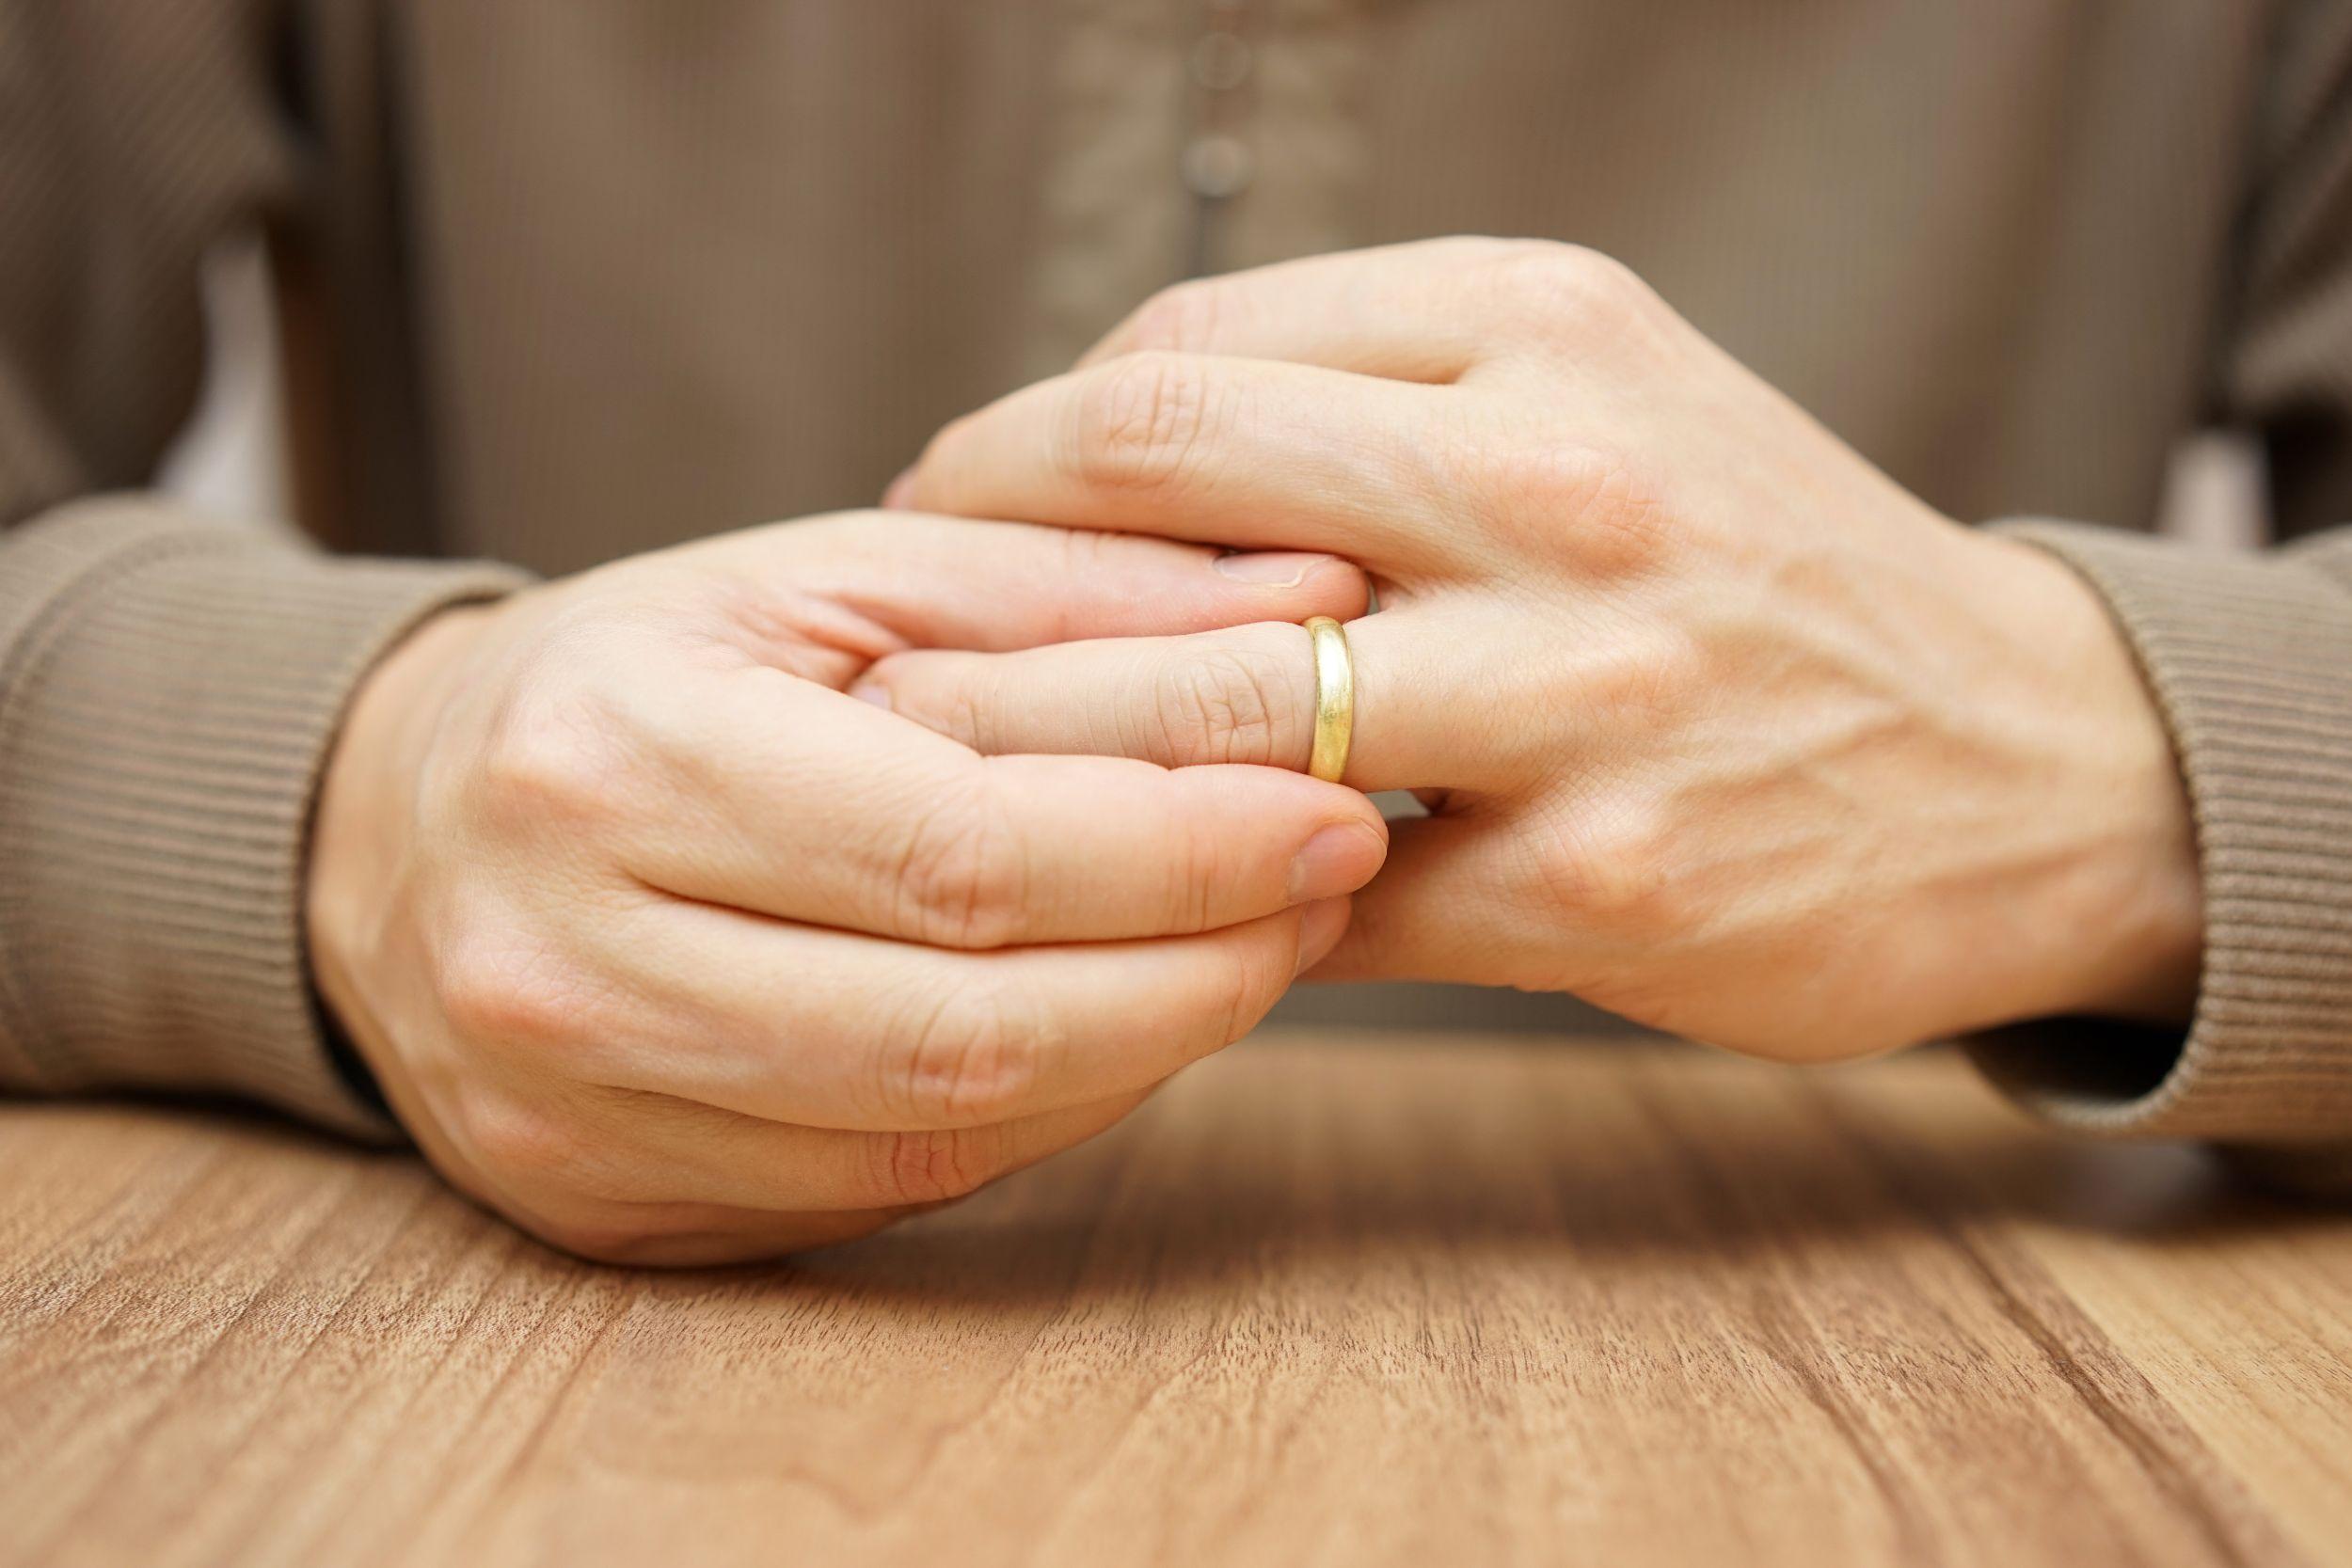 By wyleczyć związek po zdradzie w terapię muszą być zaangażowane obie strony - zdradzona i zdradzająca (fot. Shutterstock.com)